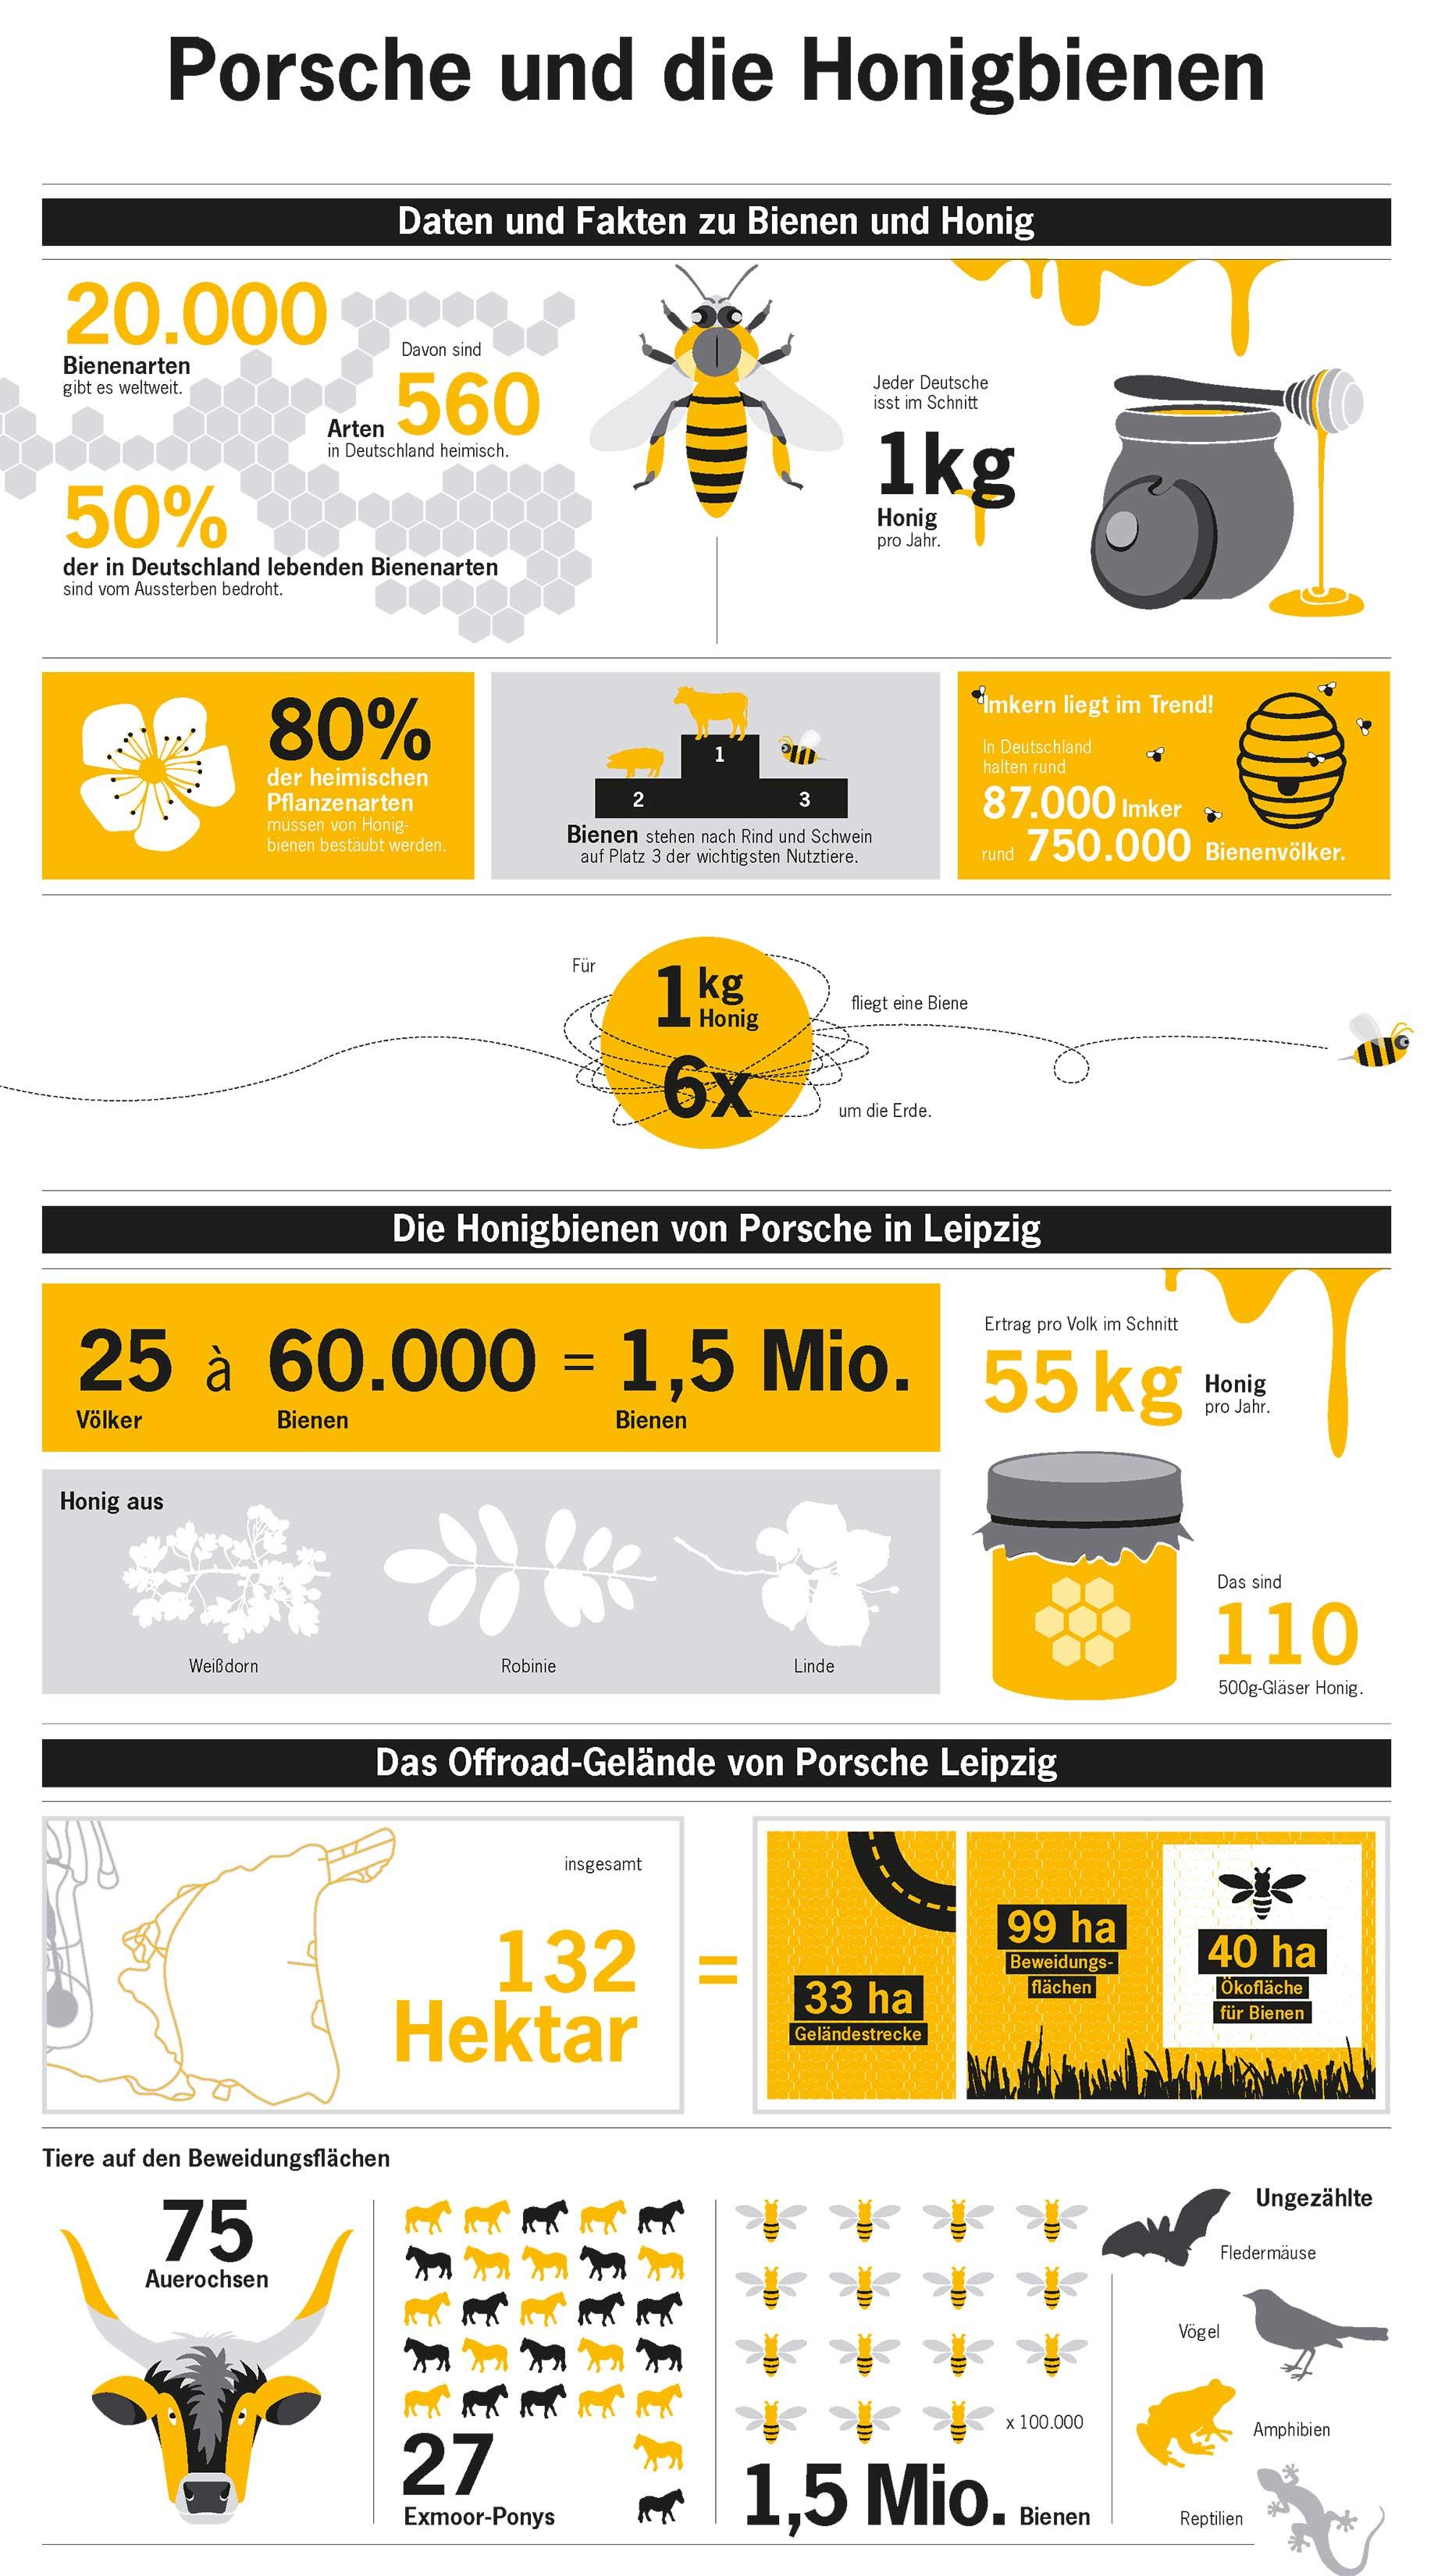 porsche siedelt in leipzig 1 5 millionen honigbienen an. Black Bedroom Furniture Sets. Home Design Ideas